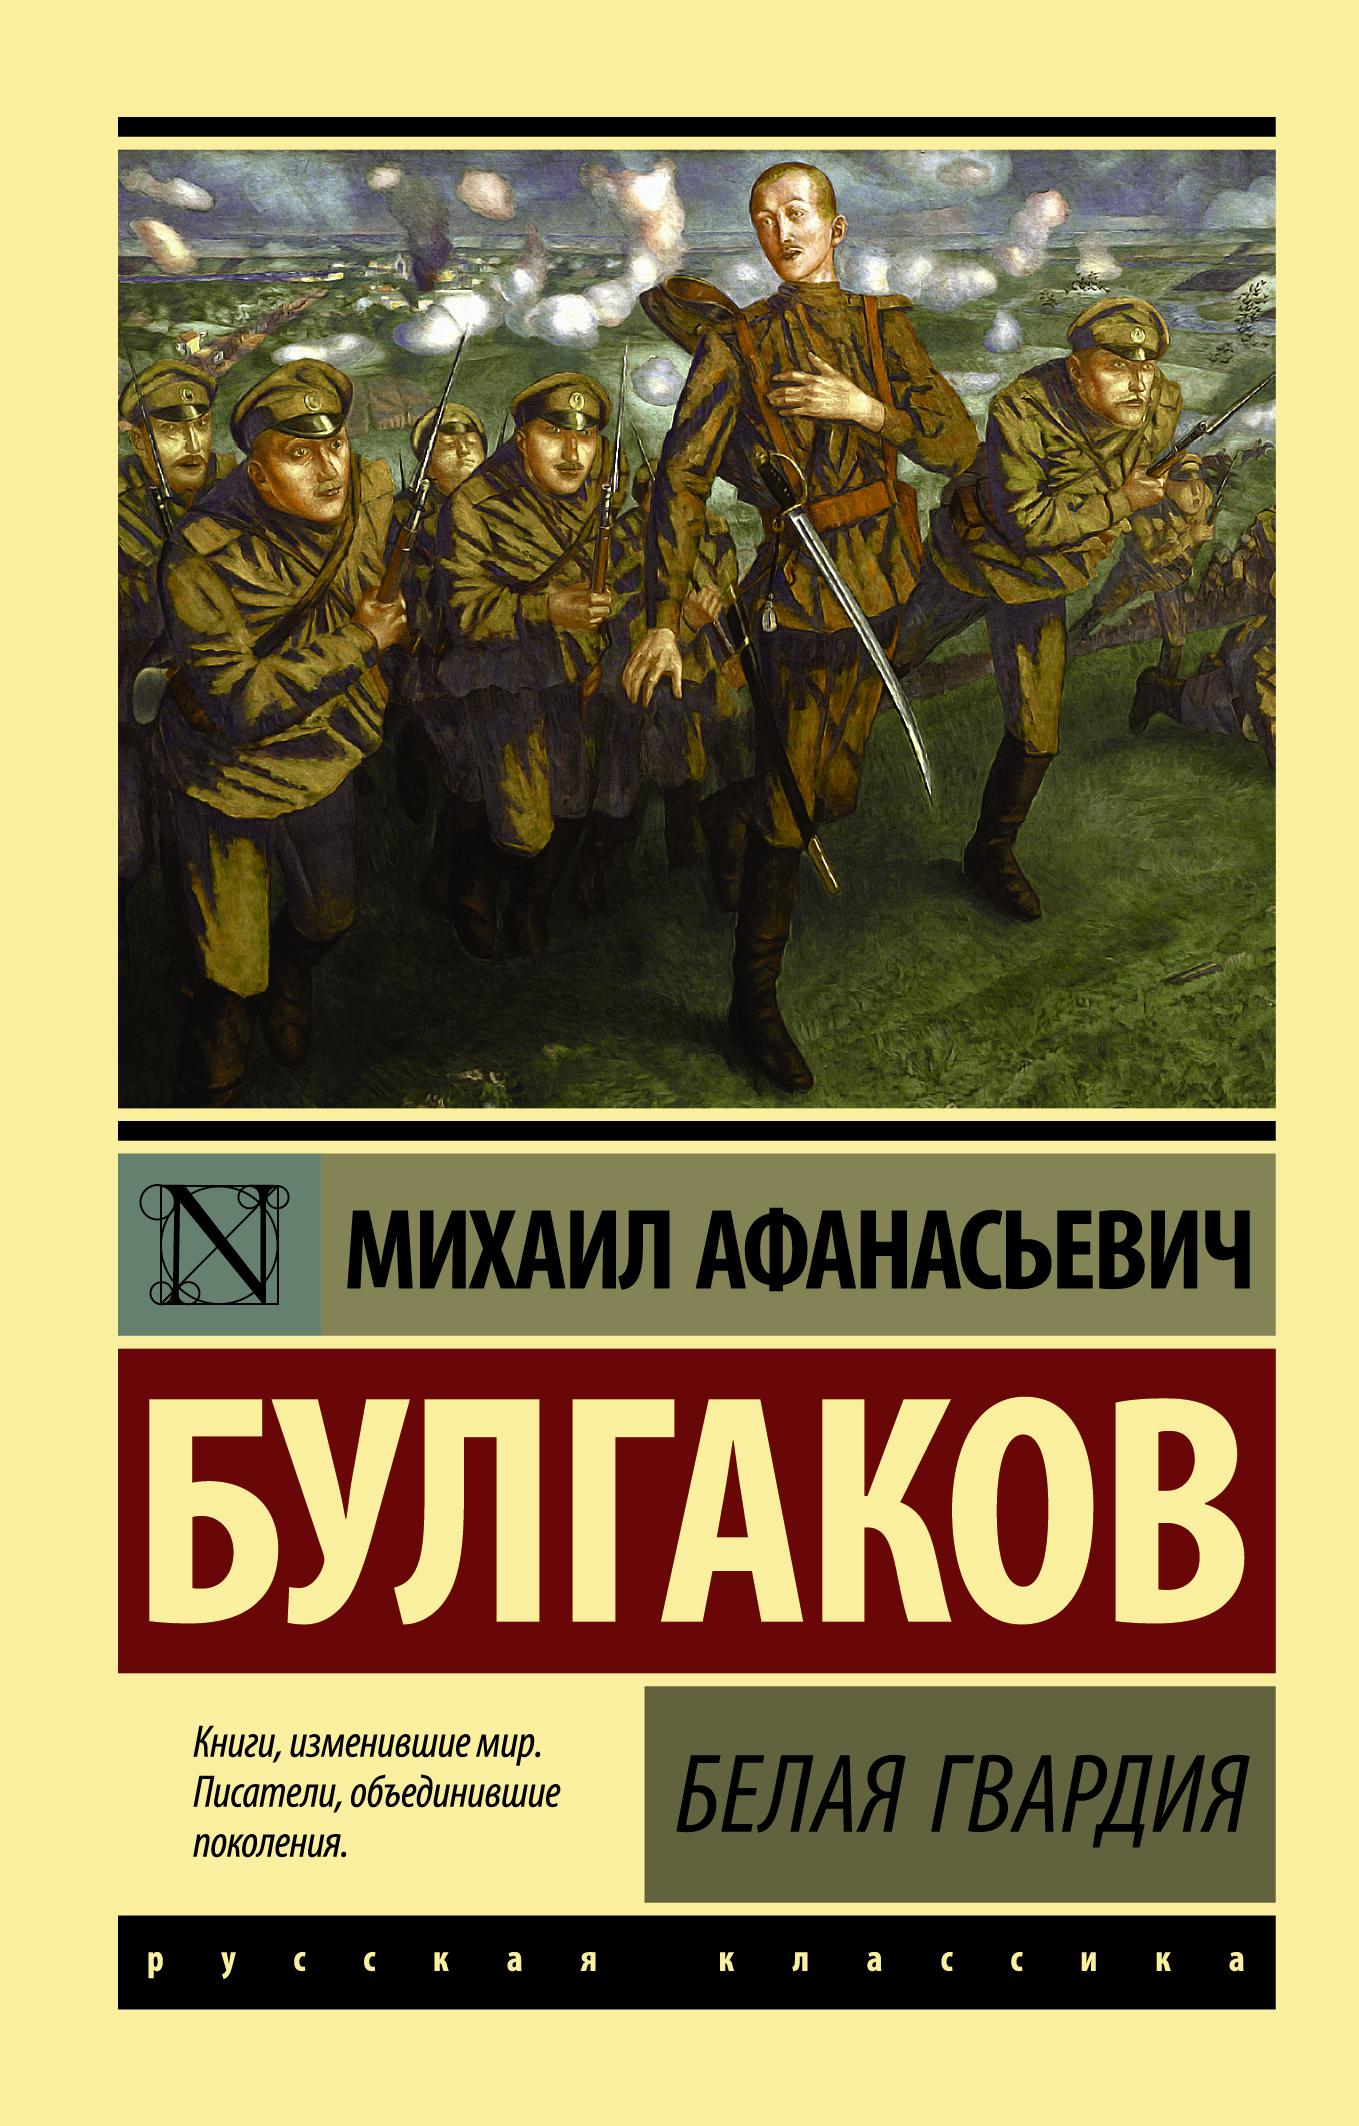 Книгу белая гвардия скачать